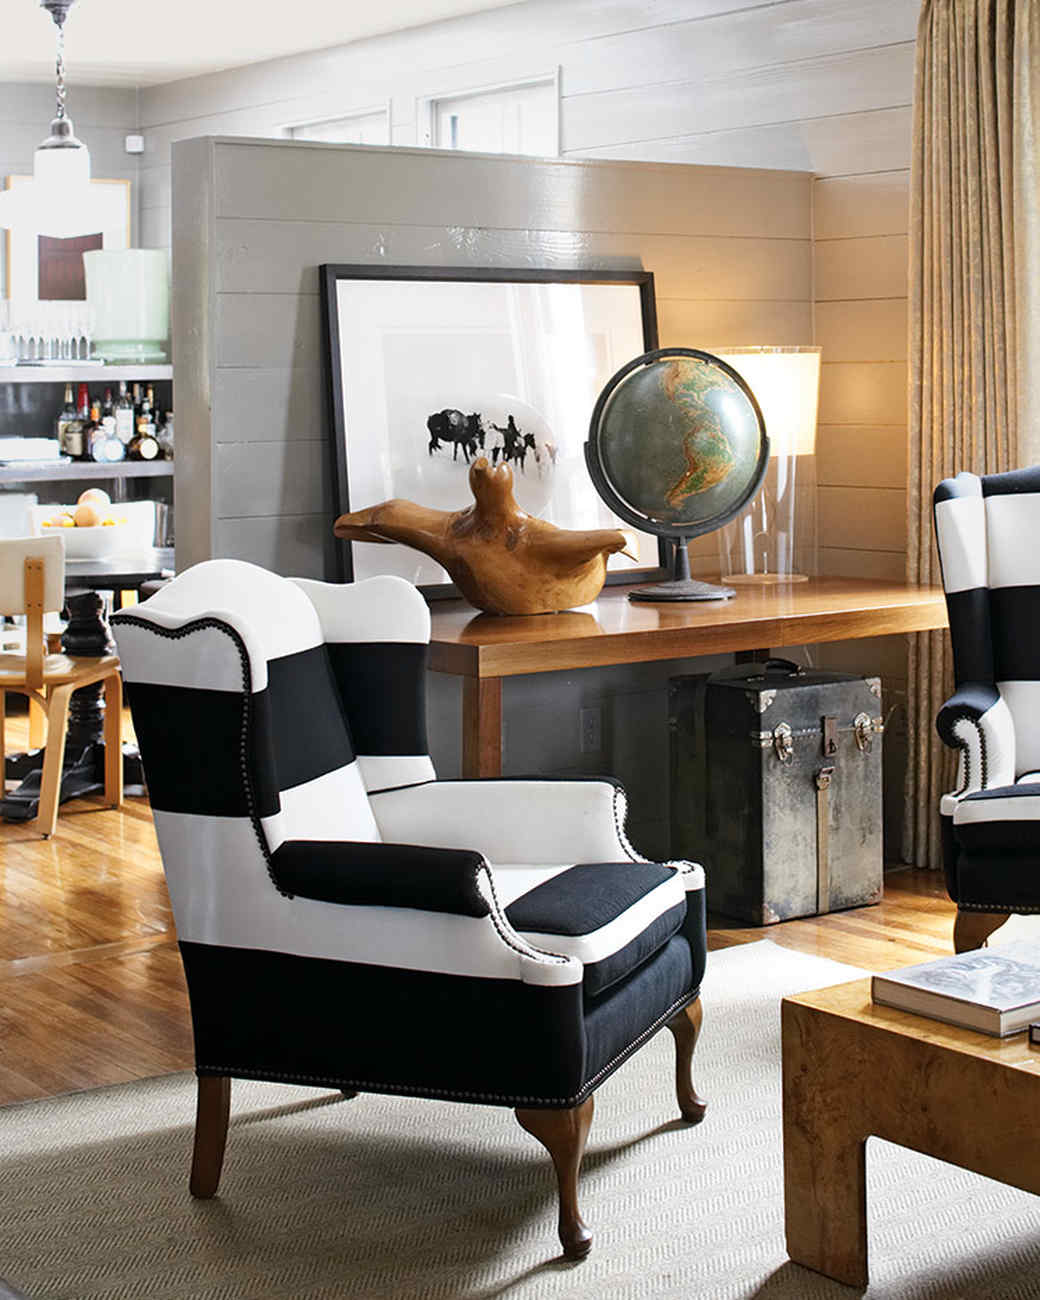 md105545_1010_4_000989_livingroom.jpg